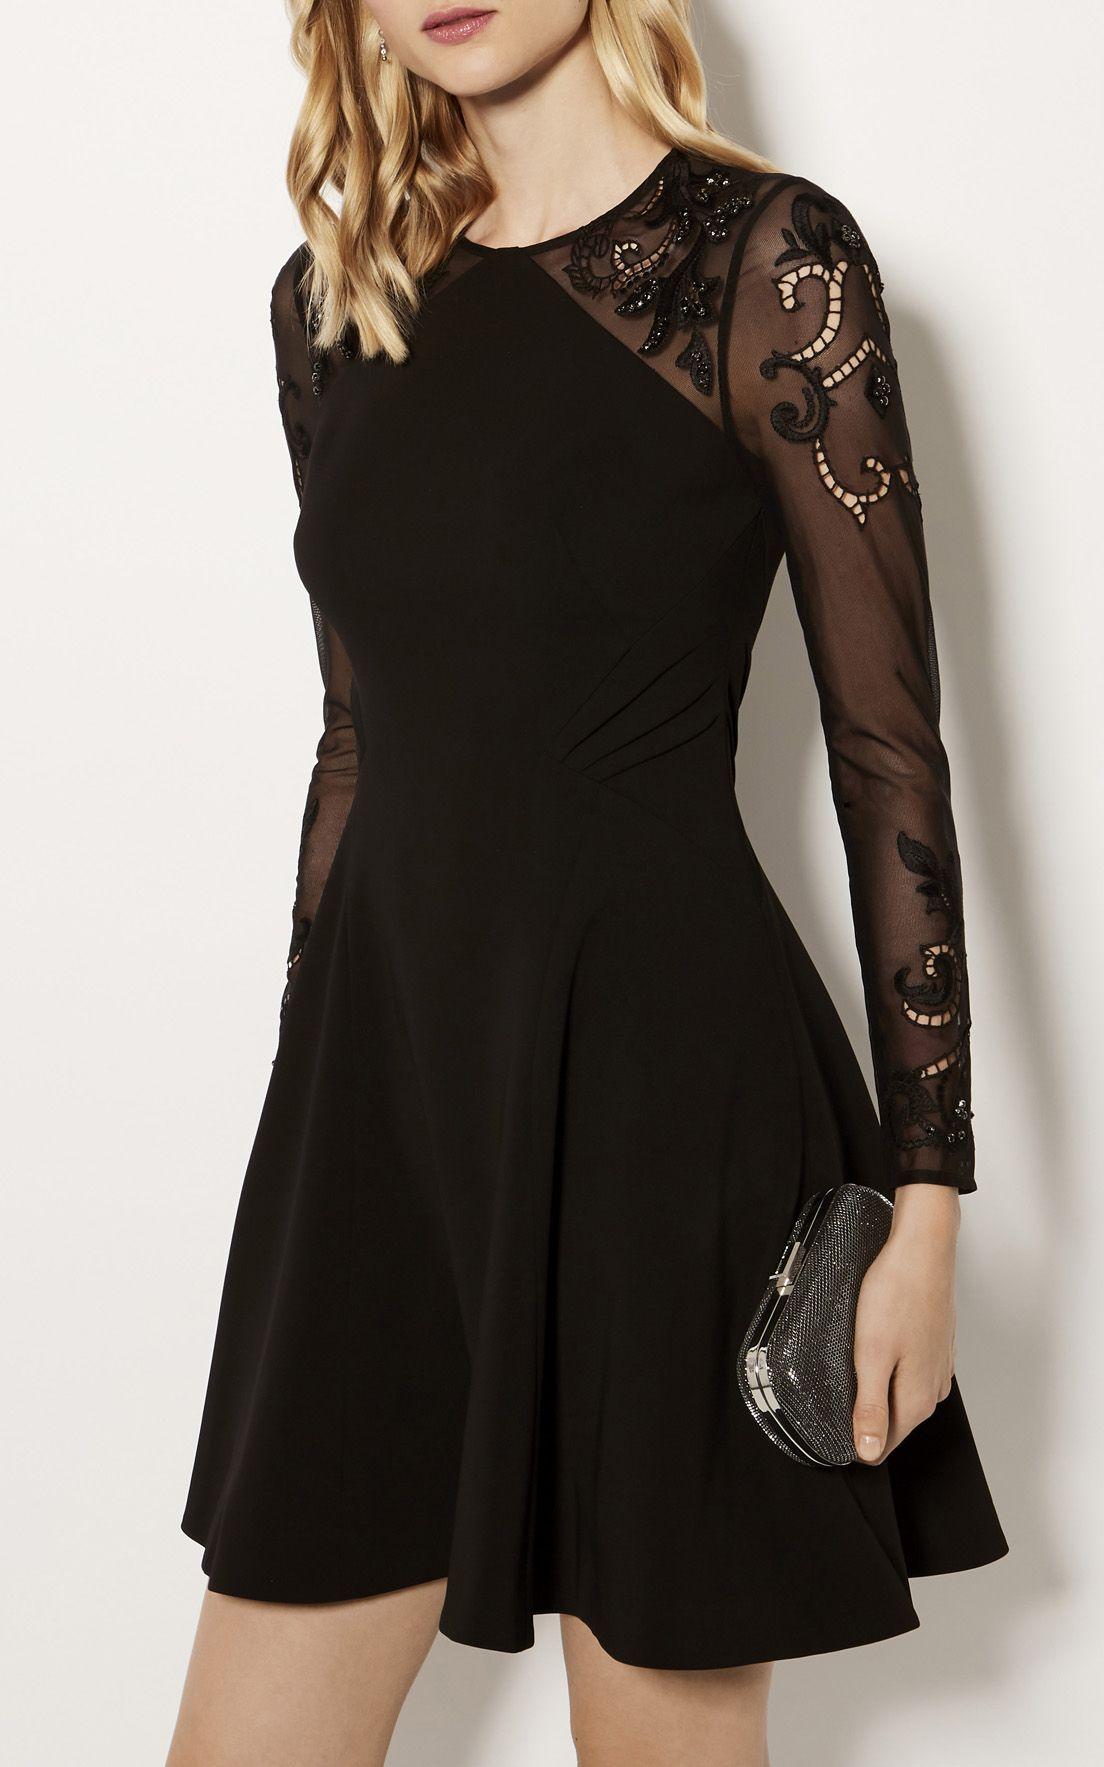 Karen Millen Embellished Sleeve Dress Black Cocktail Dresses With Sleeves Black Dress With Sleeves Formal Dresses With Sleeves [ 1767 x 1104 Pixel ]